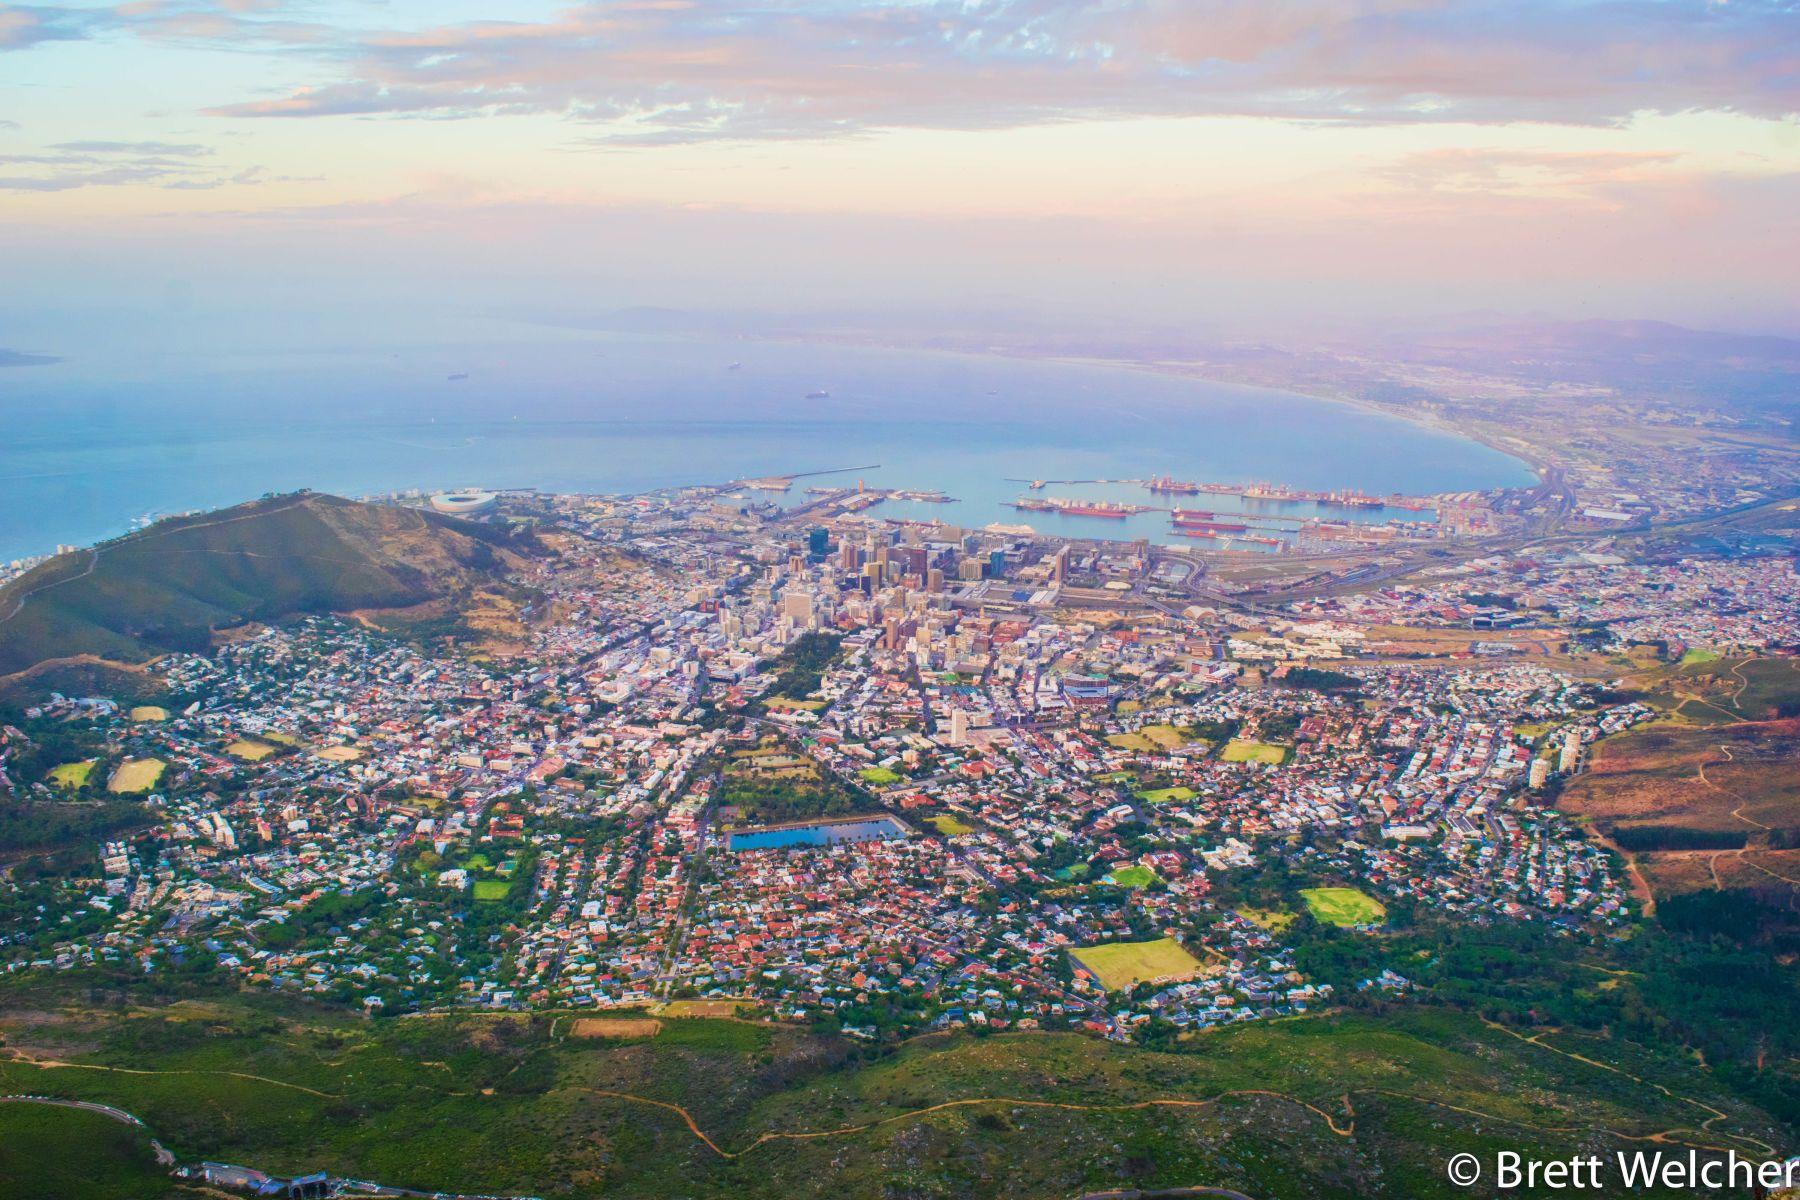 Cape Peninsula - Cape Town, Western Cape